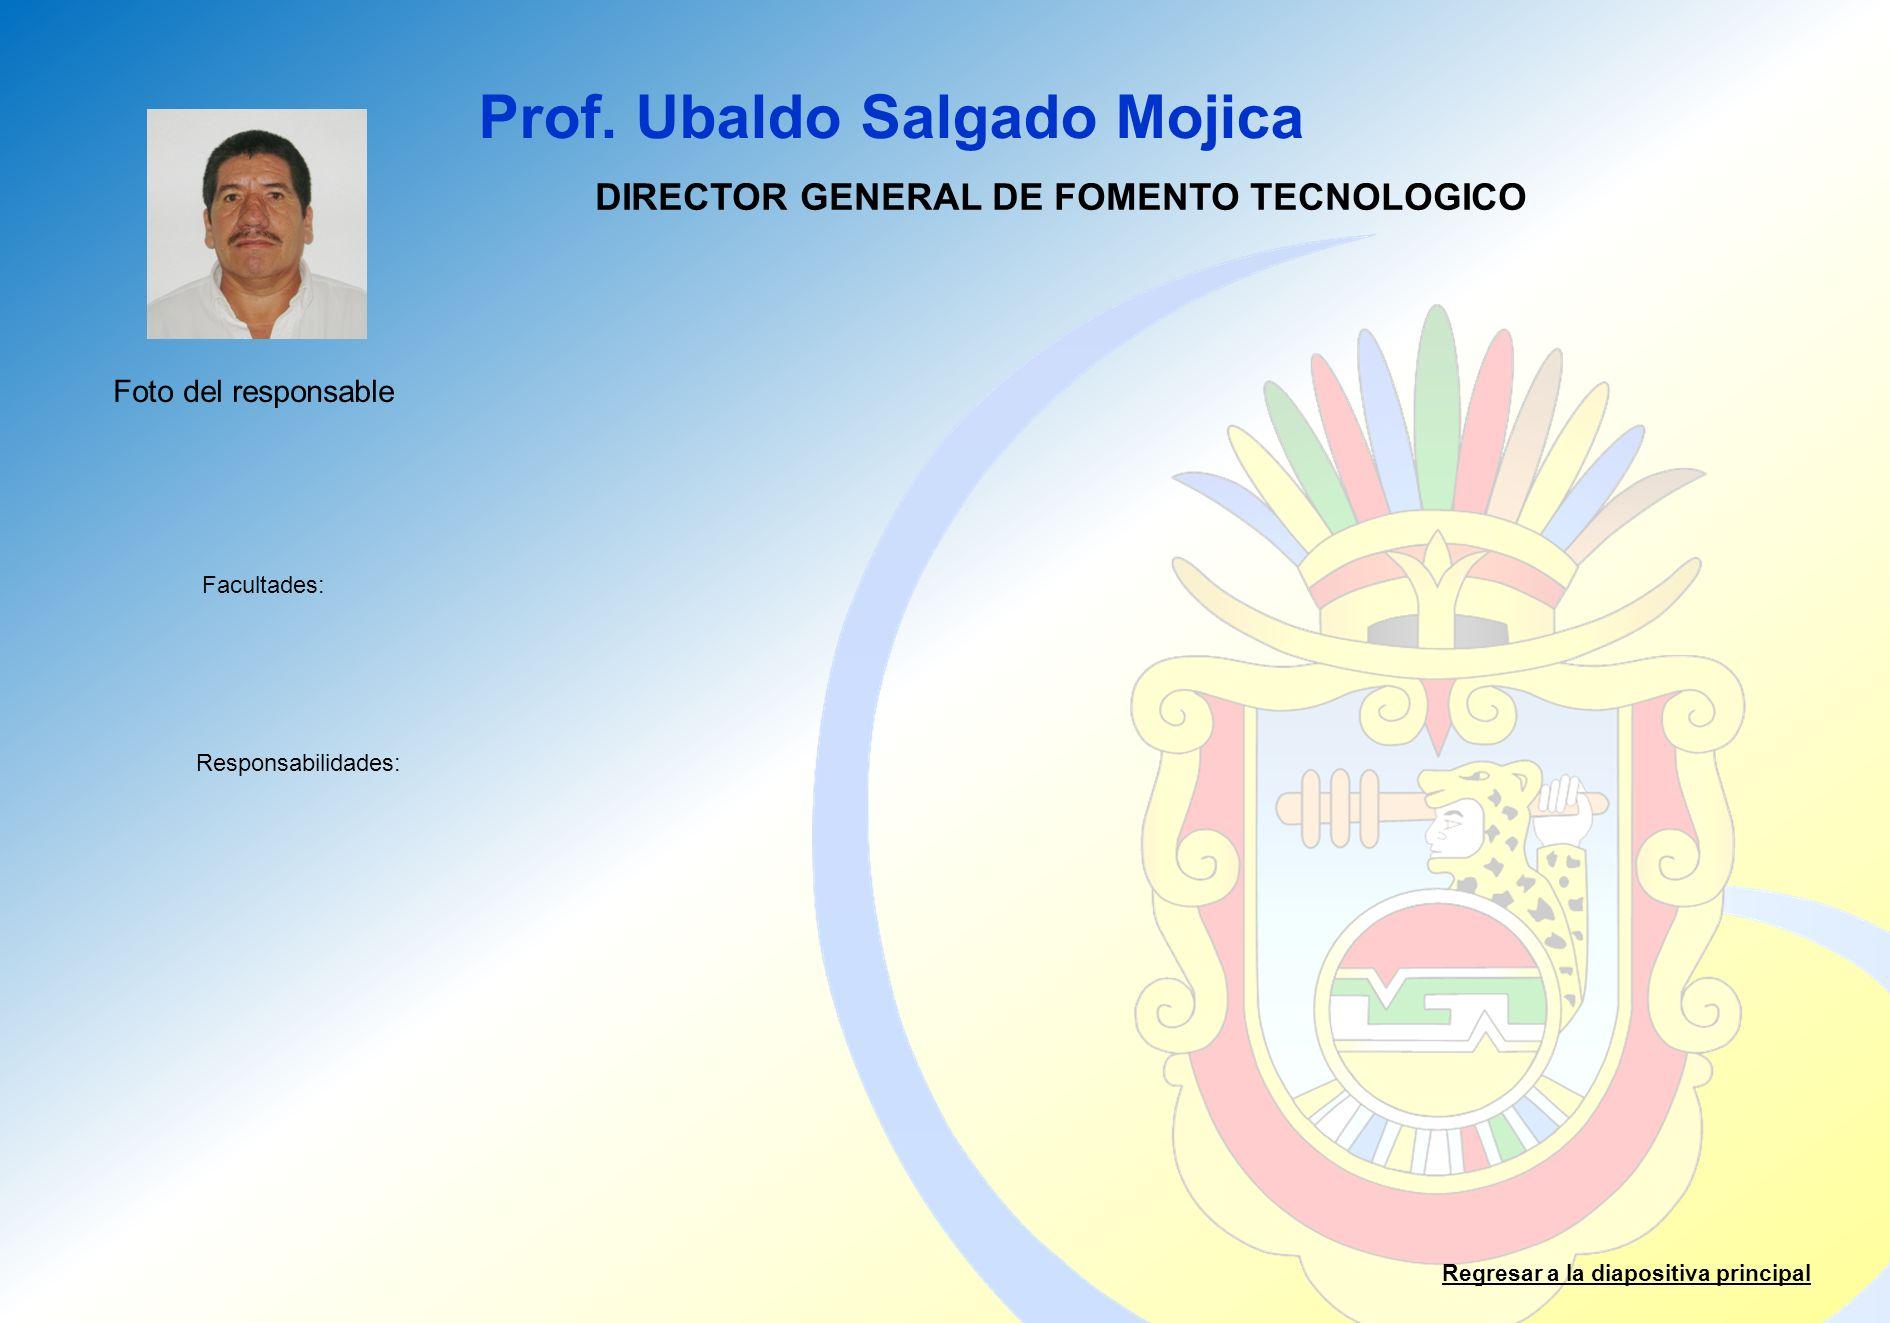 DIRECTOR GENERAL DE FOMENTO TECNOLOGICO